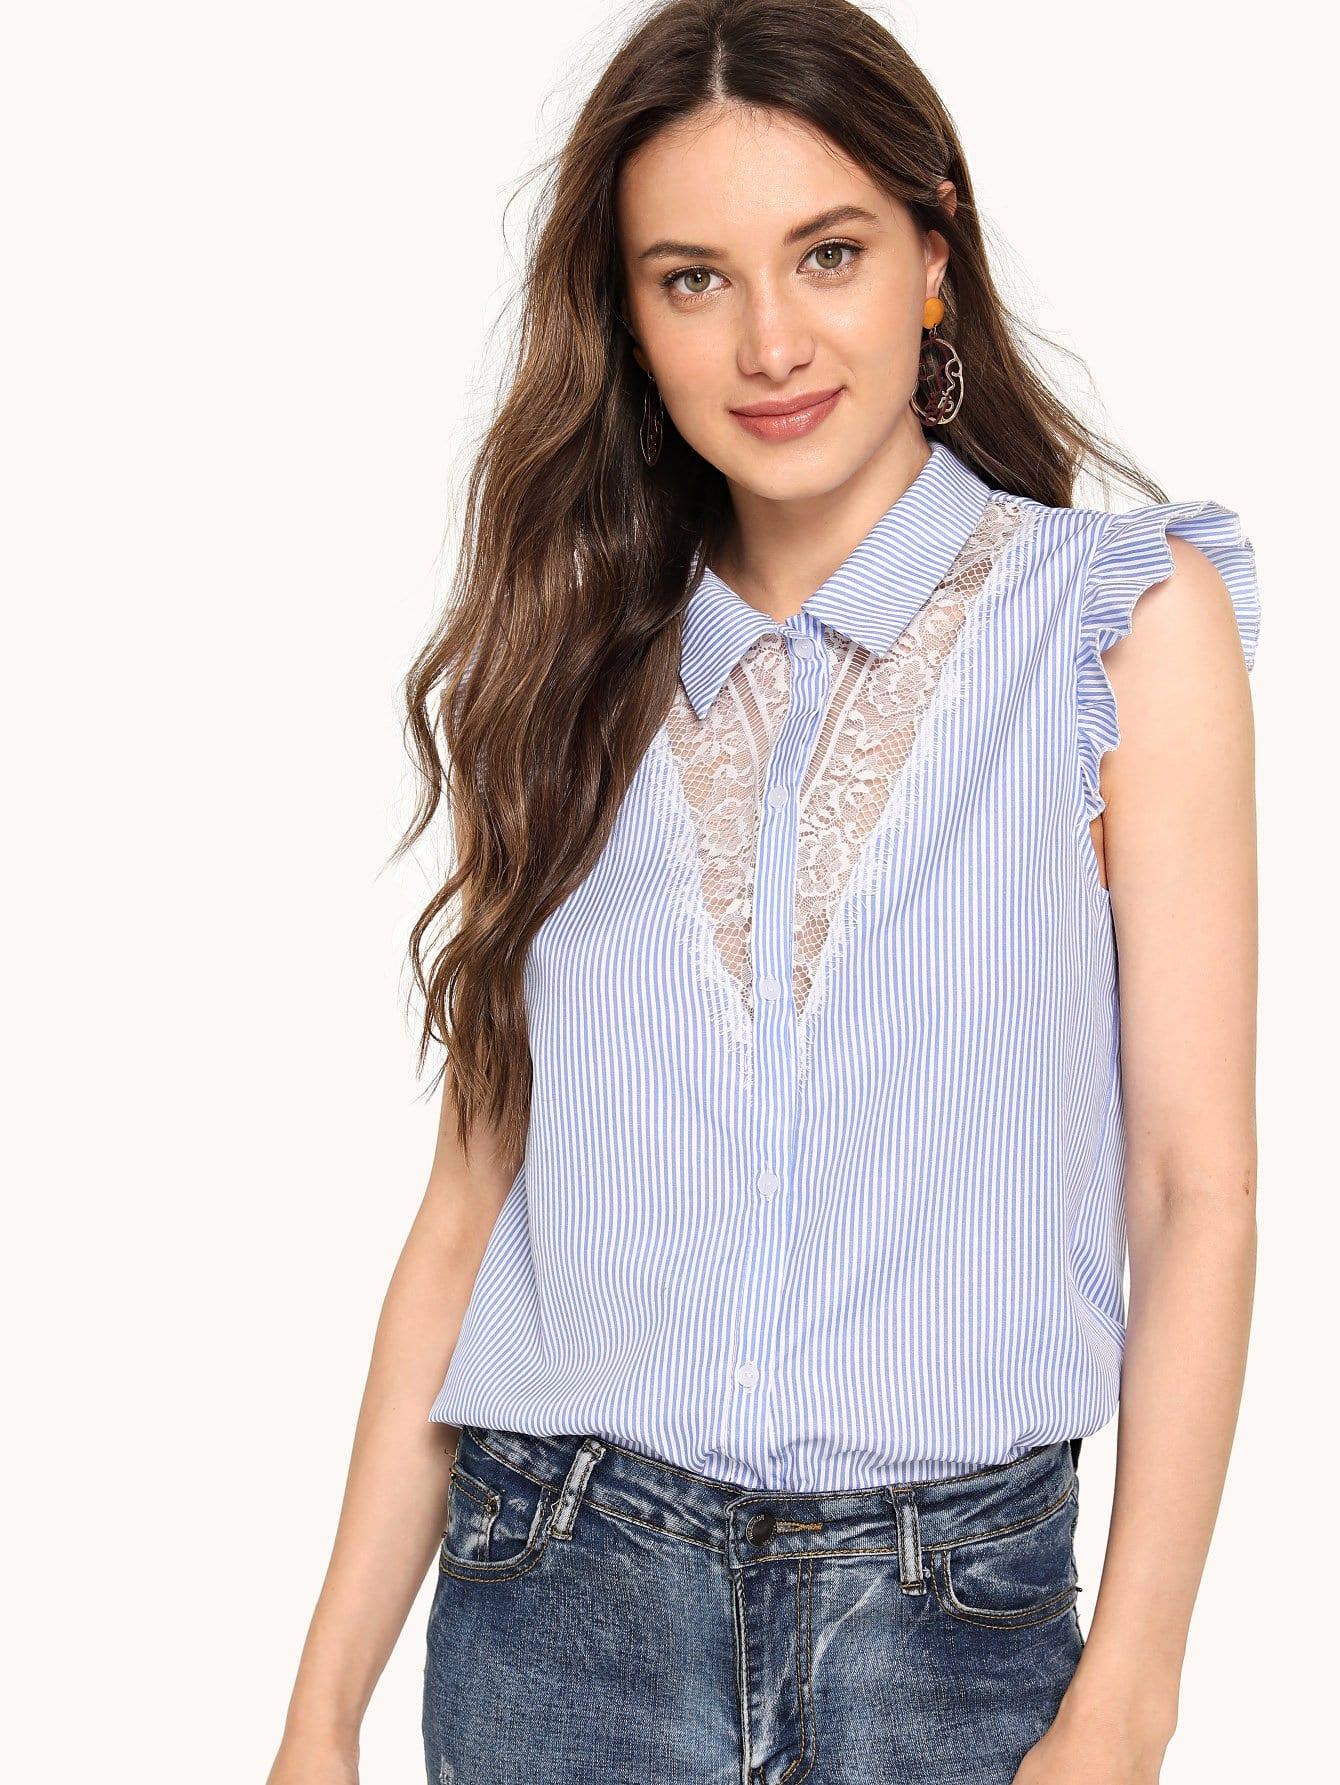 Купить Блузка с кружевами и плечо срозеткой, Masha, SheIn